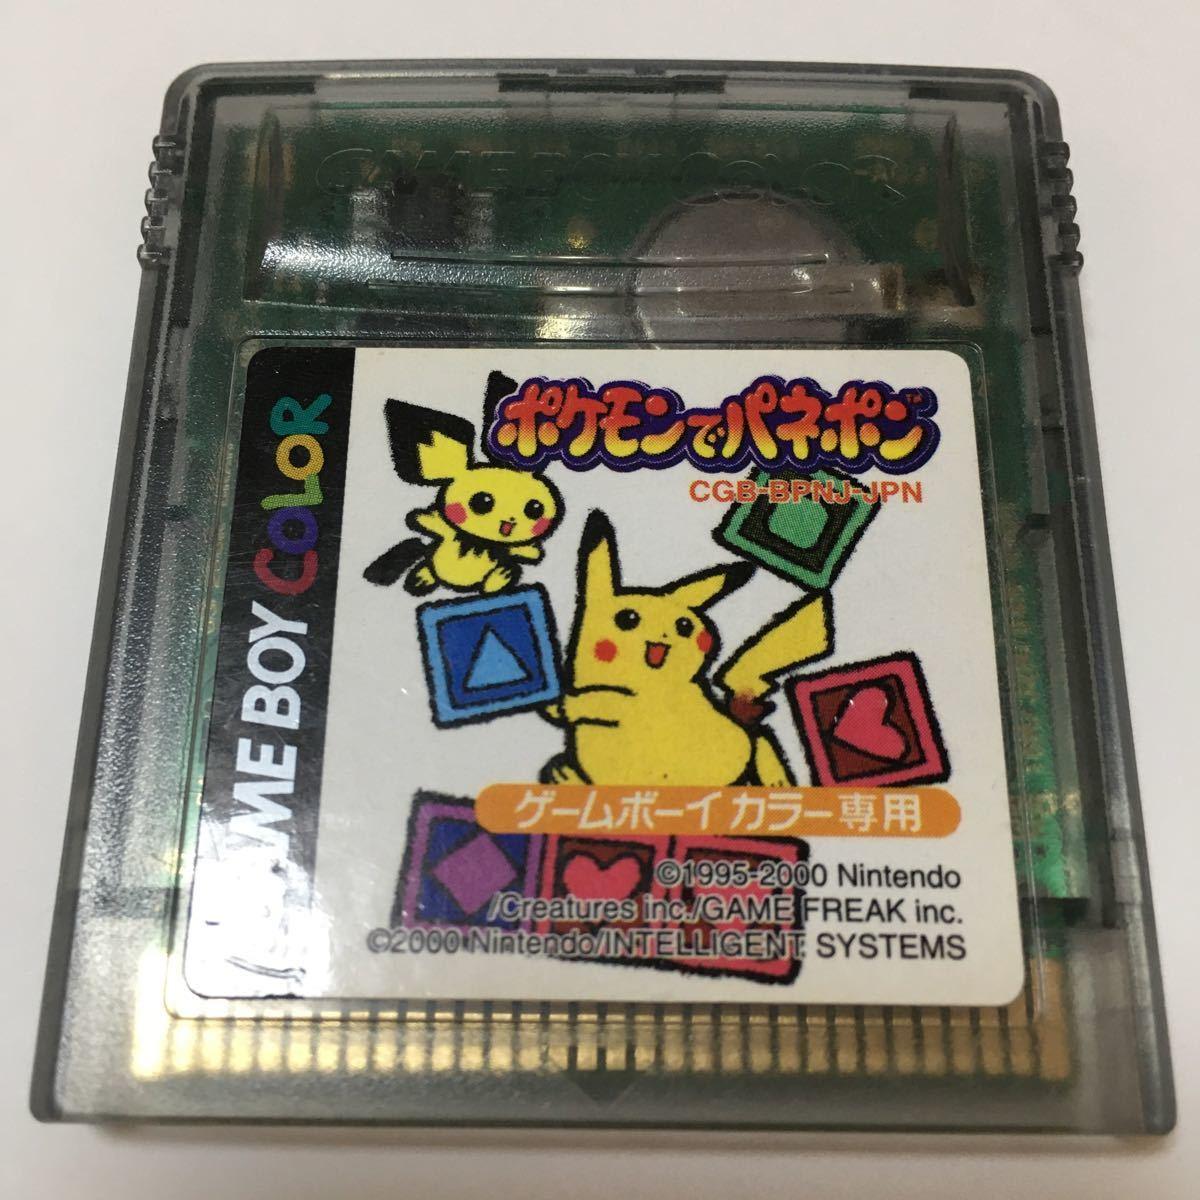 ゲームボーイカラー ソフト ポケモンでパネポン 動作確認済み ピカチュウ ポケットモンスター GB カセット パズル ゲーム